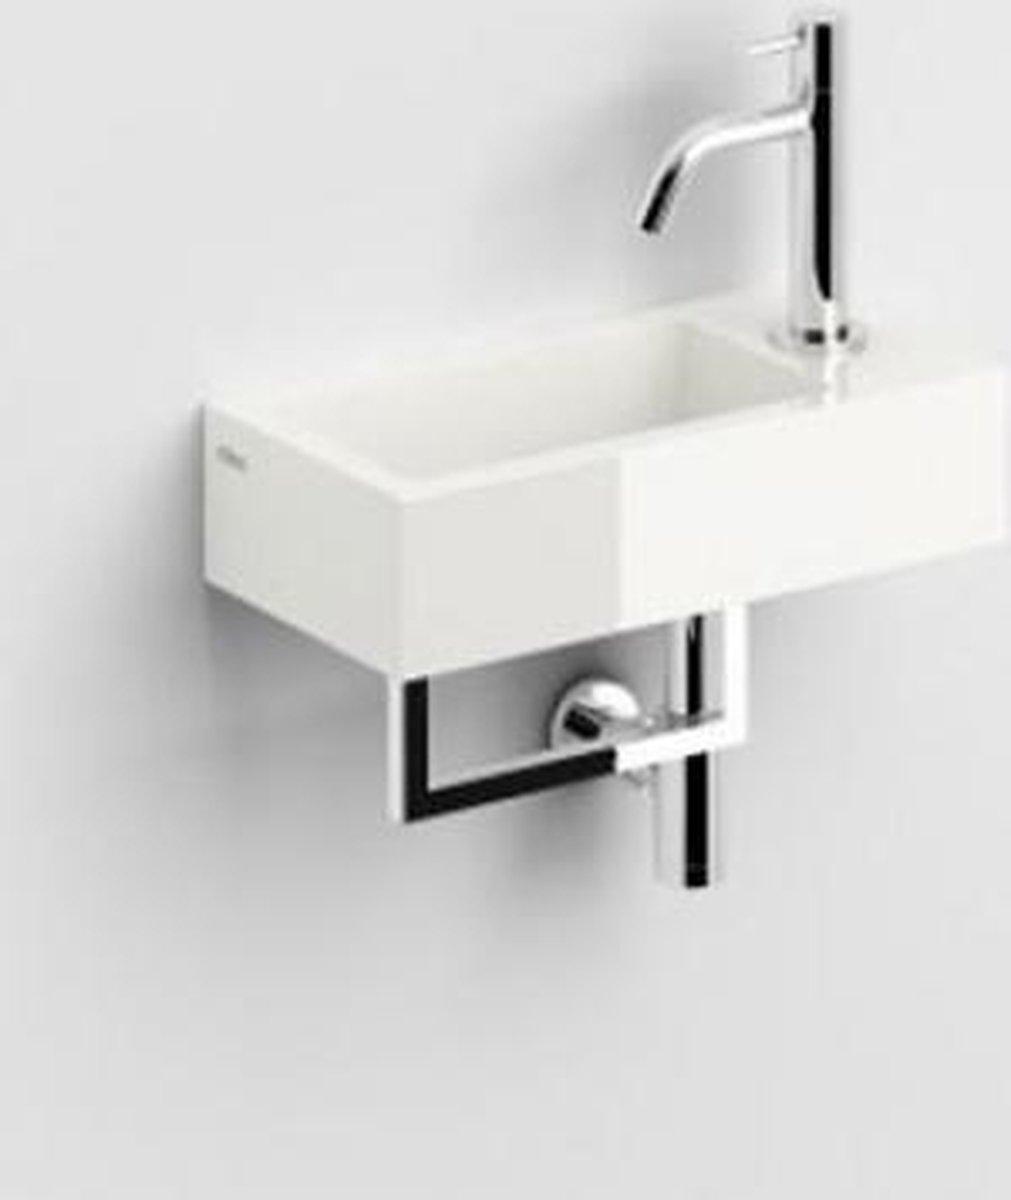 Fontein Clou Flush 3 Rechthoek Rechts 36x18x9cm Mineraalmarmer Hoogglans Wit 1 Voorbewerkte Kraangat met Handdoekhouder